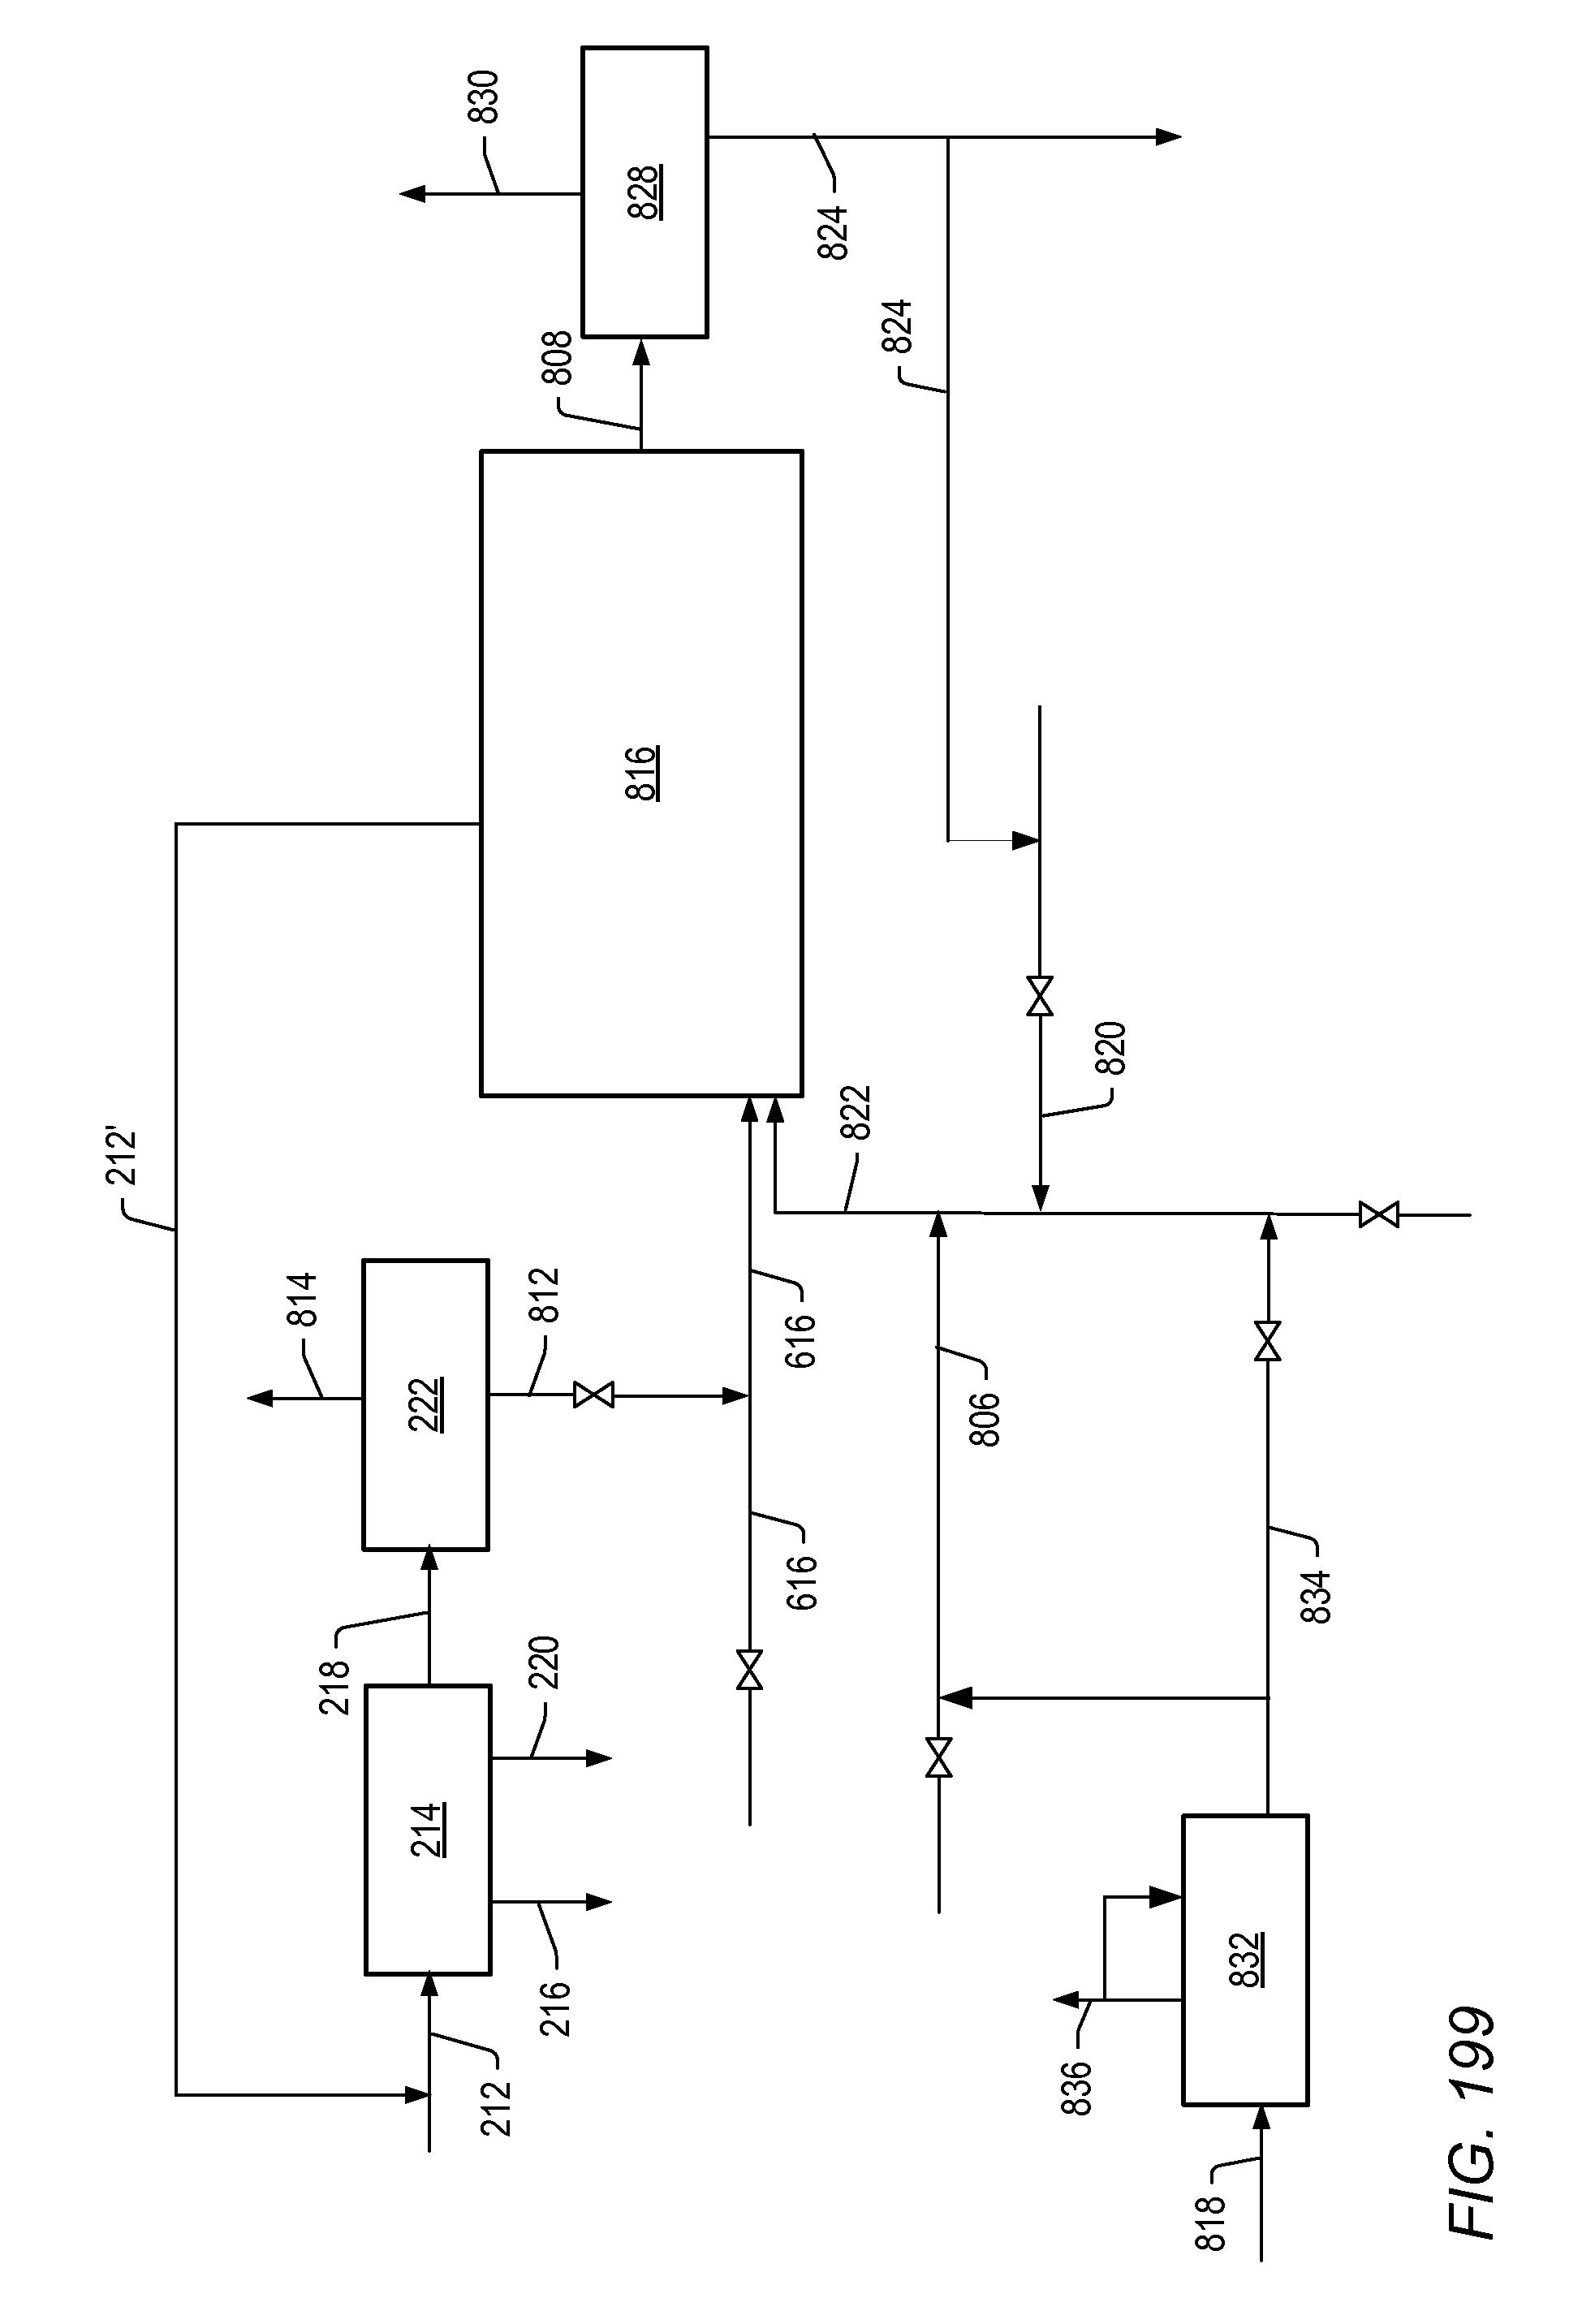 Patent Us 8011451 B2 Liquid Ring Vacuum Pump Diagram Closed Loop Butane Extraction System